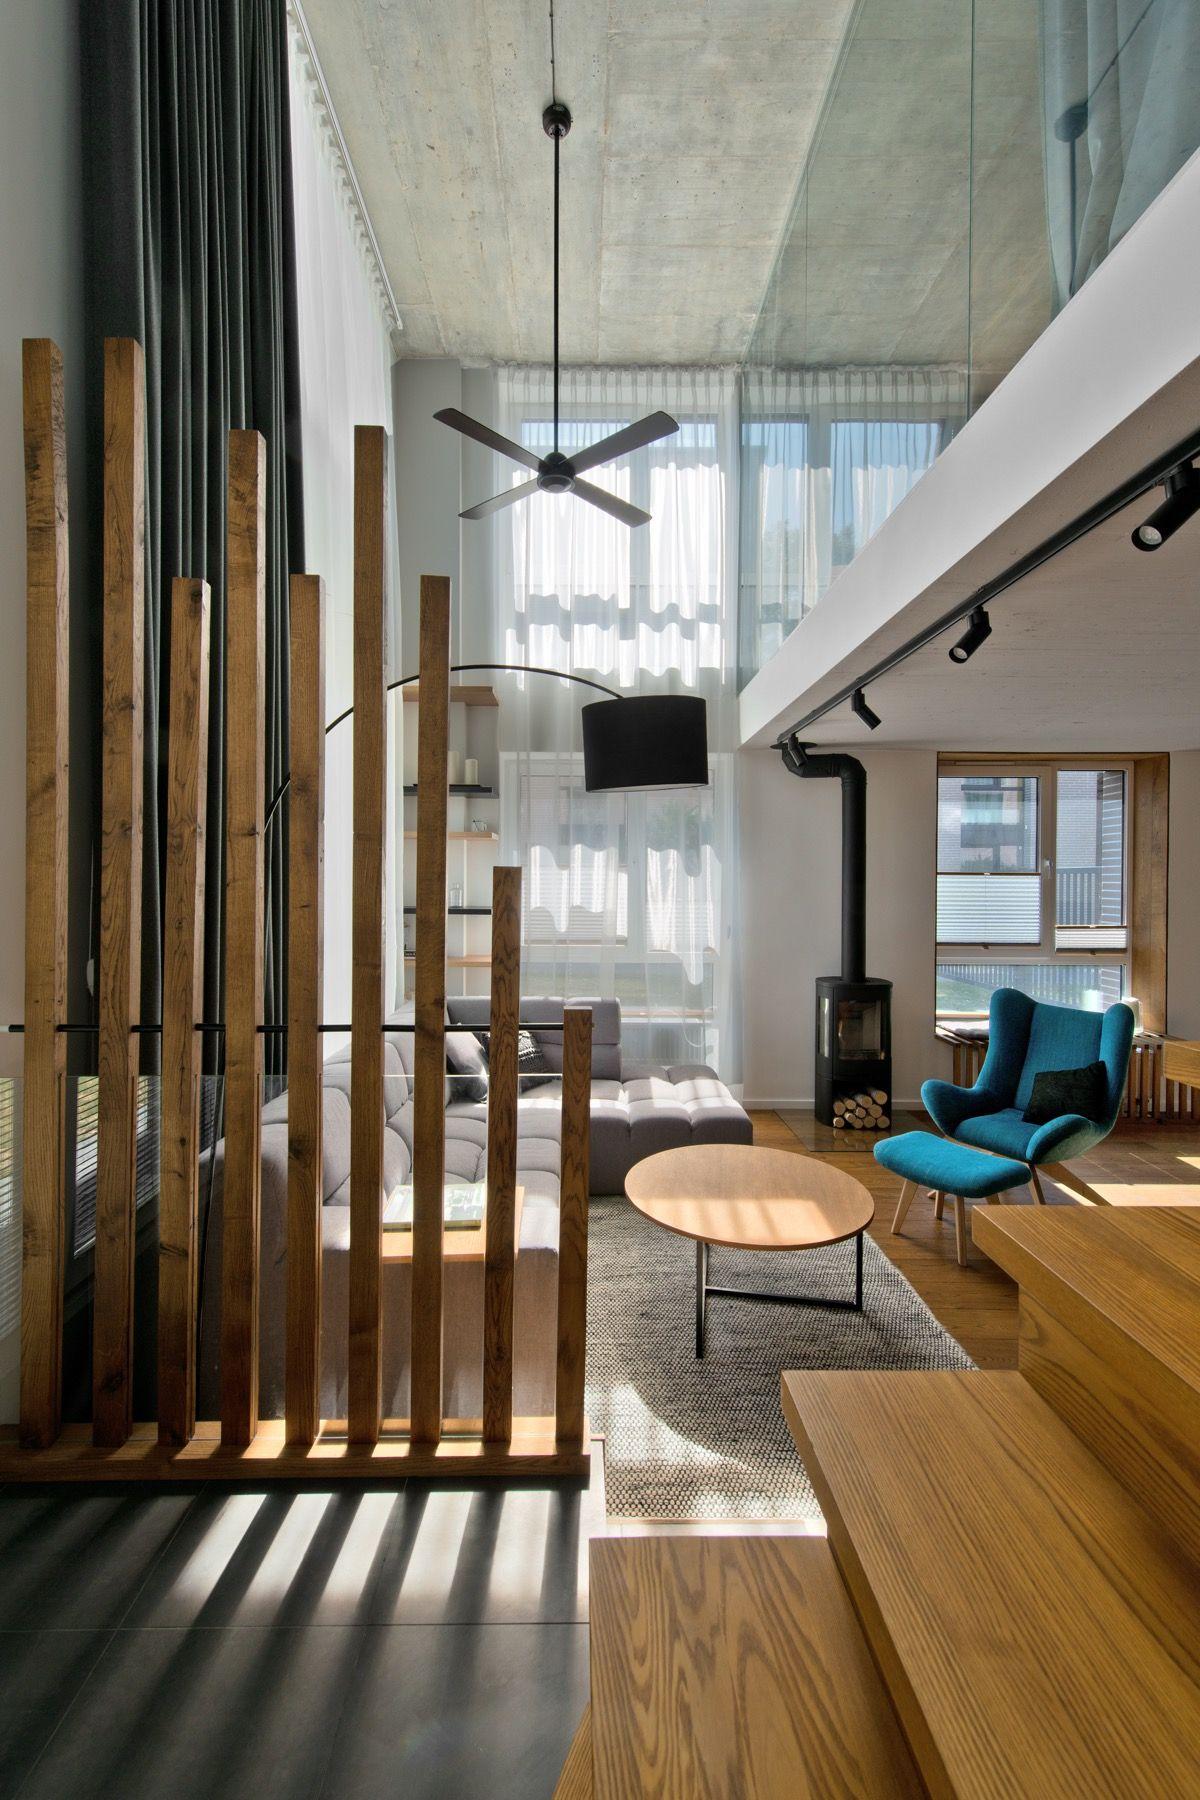 Cloison amovible en bois design